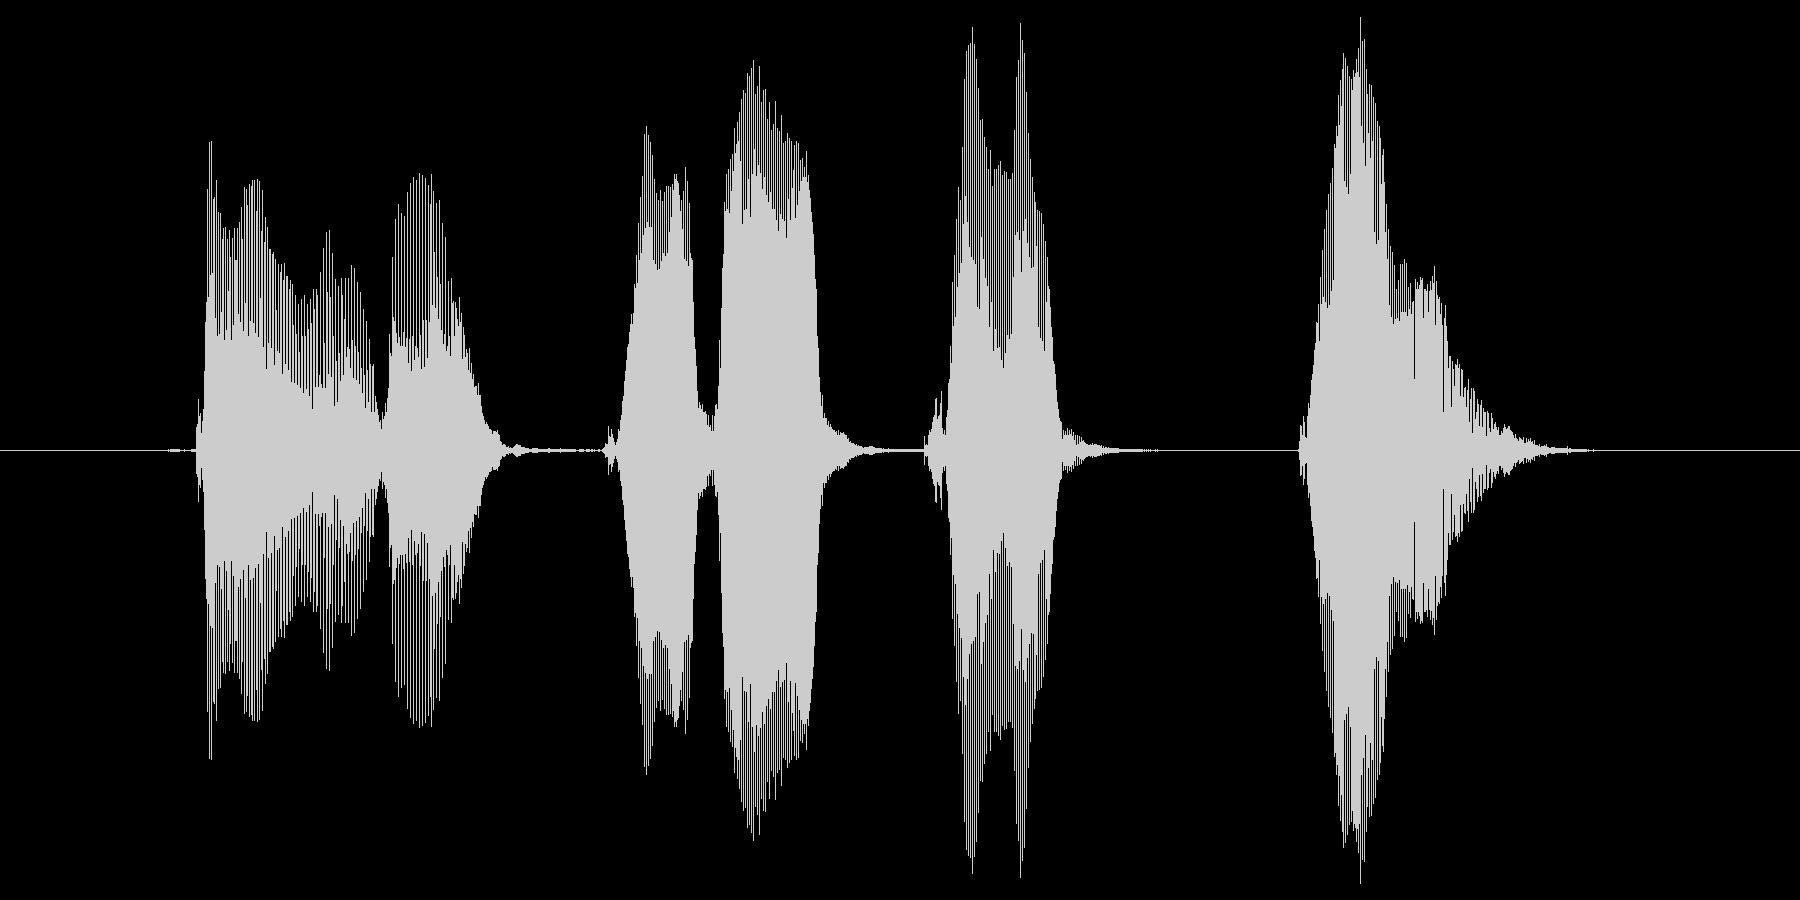 トリプルチョップ!の未再生の波形